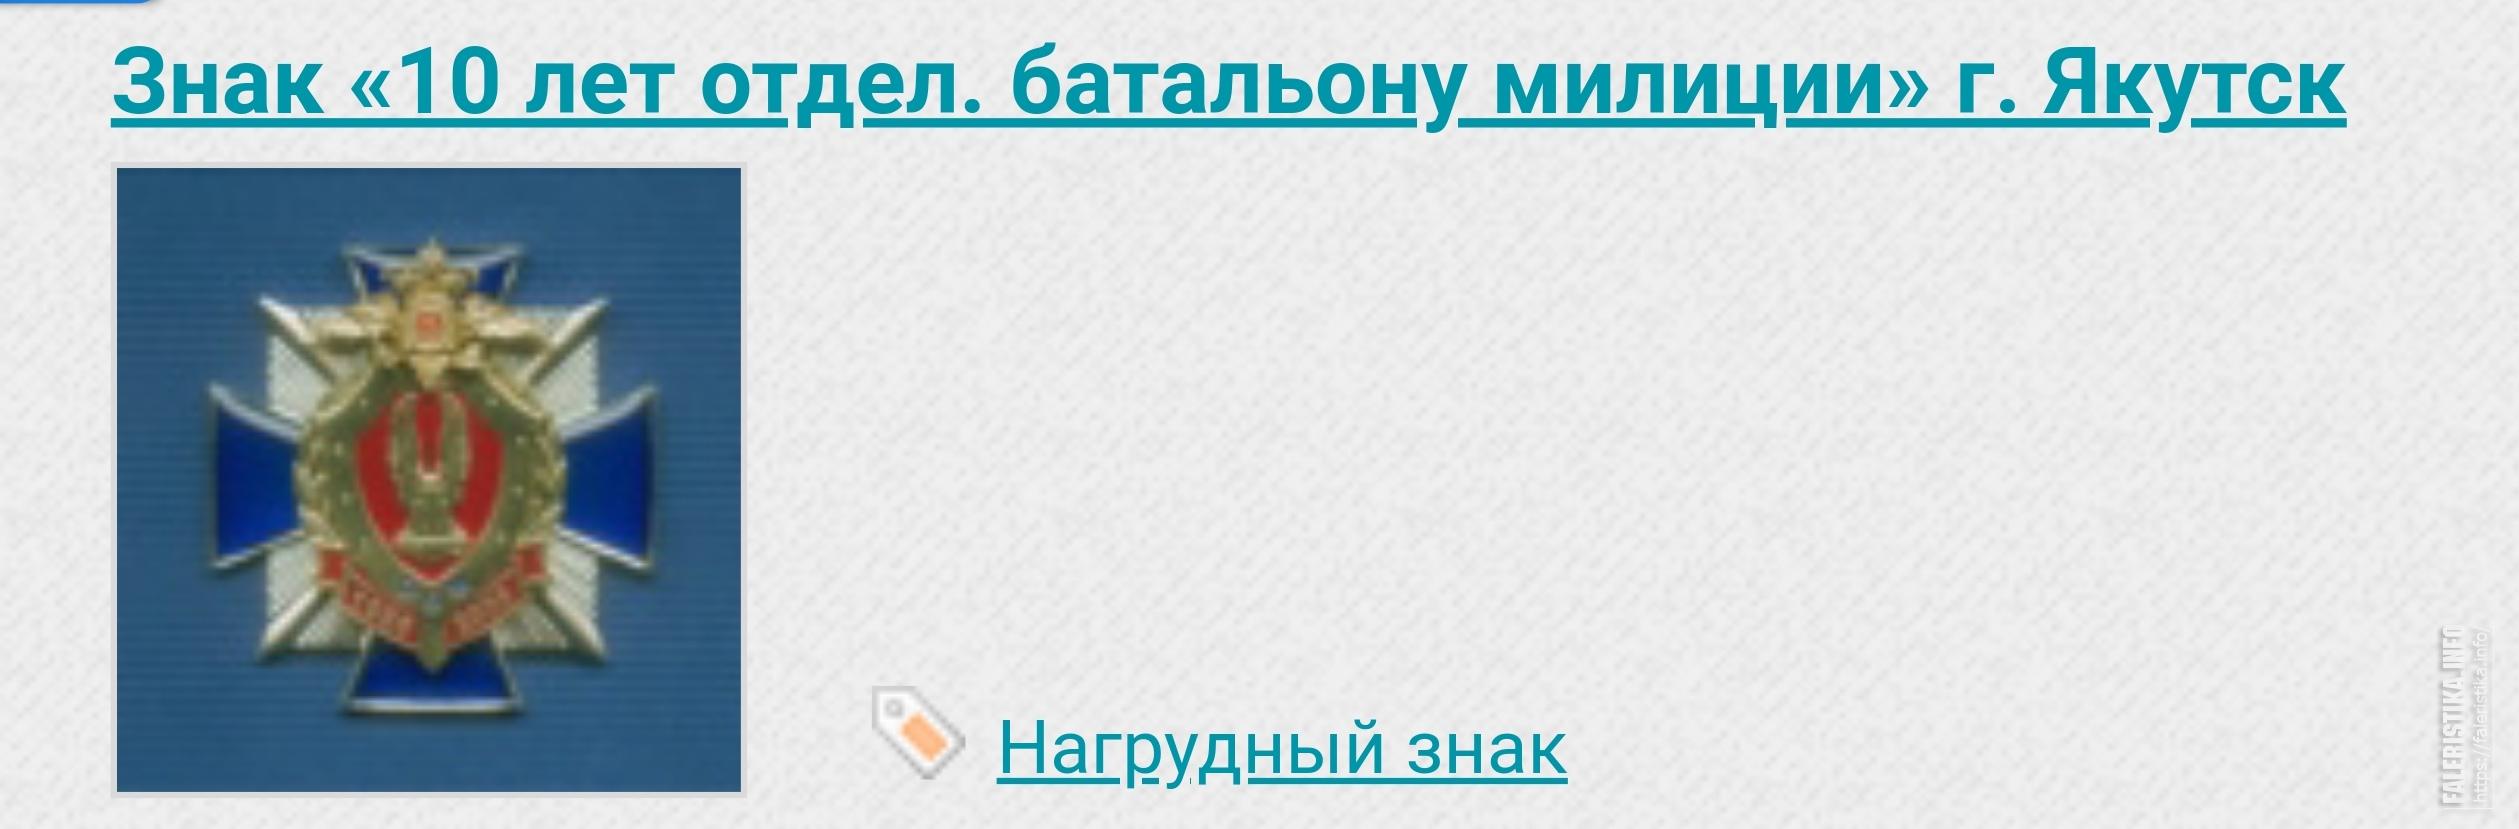 Screenshot20190305-210243Chrome.jpg